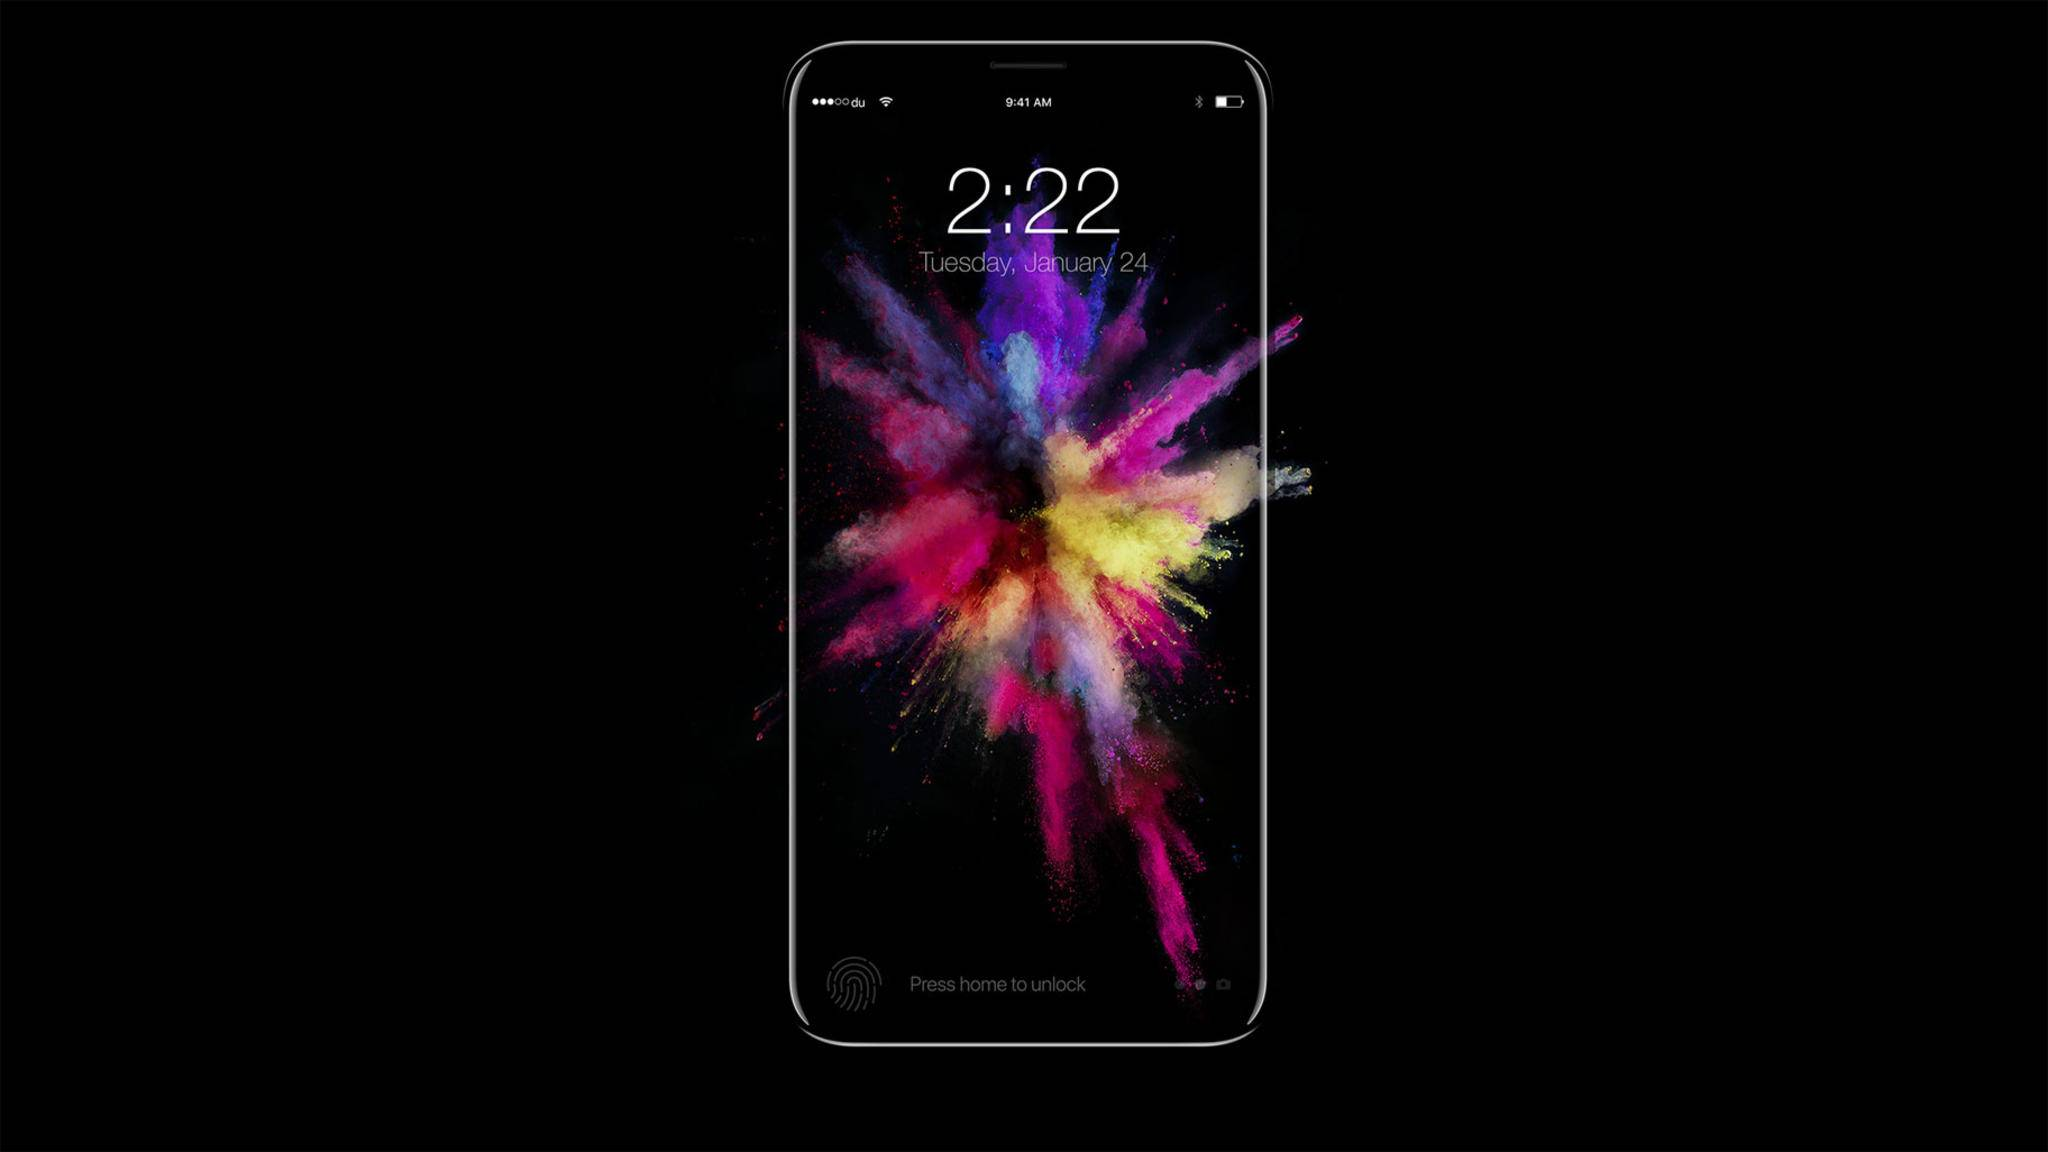 Verliert das iPhone 8 den Touch-ID-Sensor?